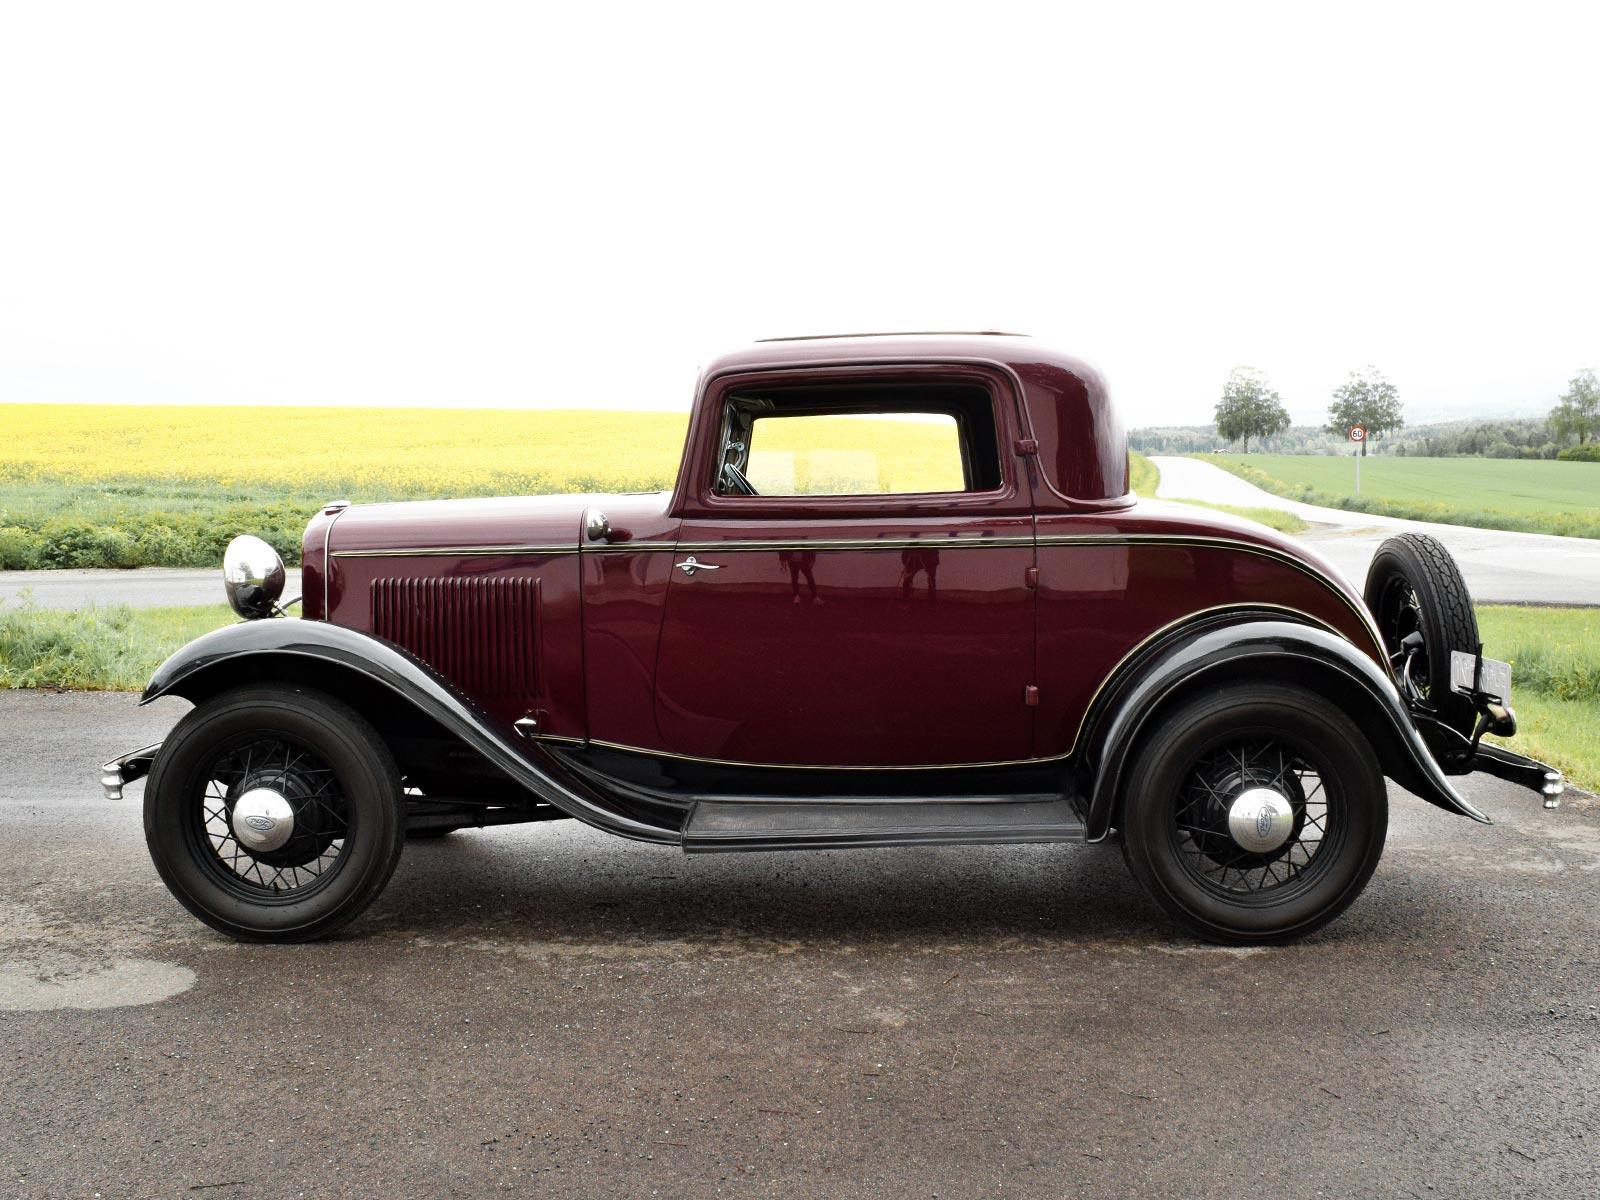 Ford B Coupe 1932 modell. Se vårt utvalg av biler.